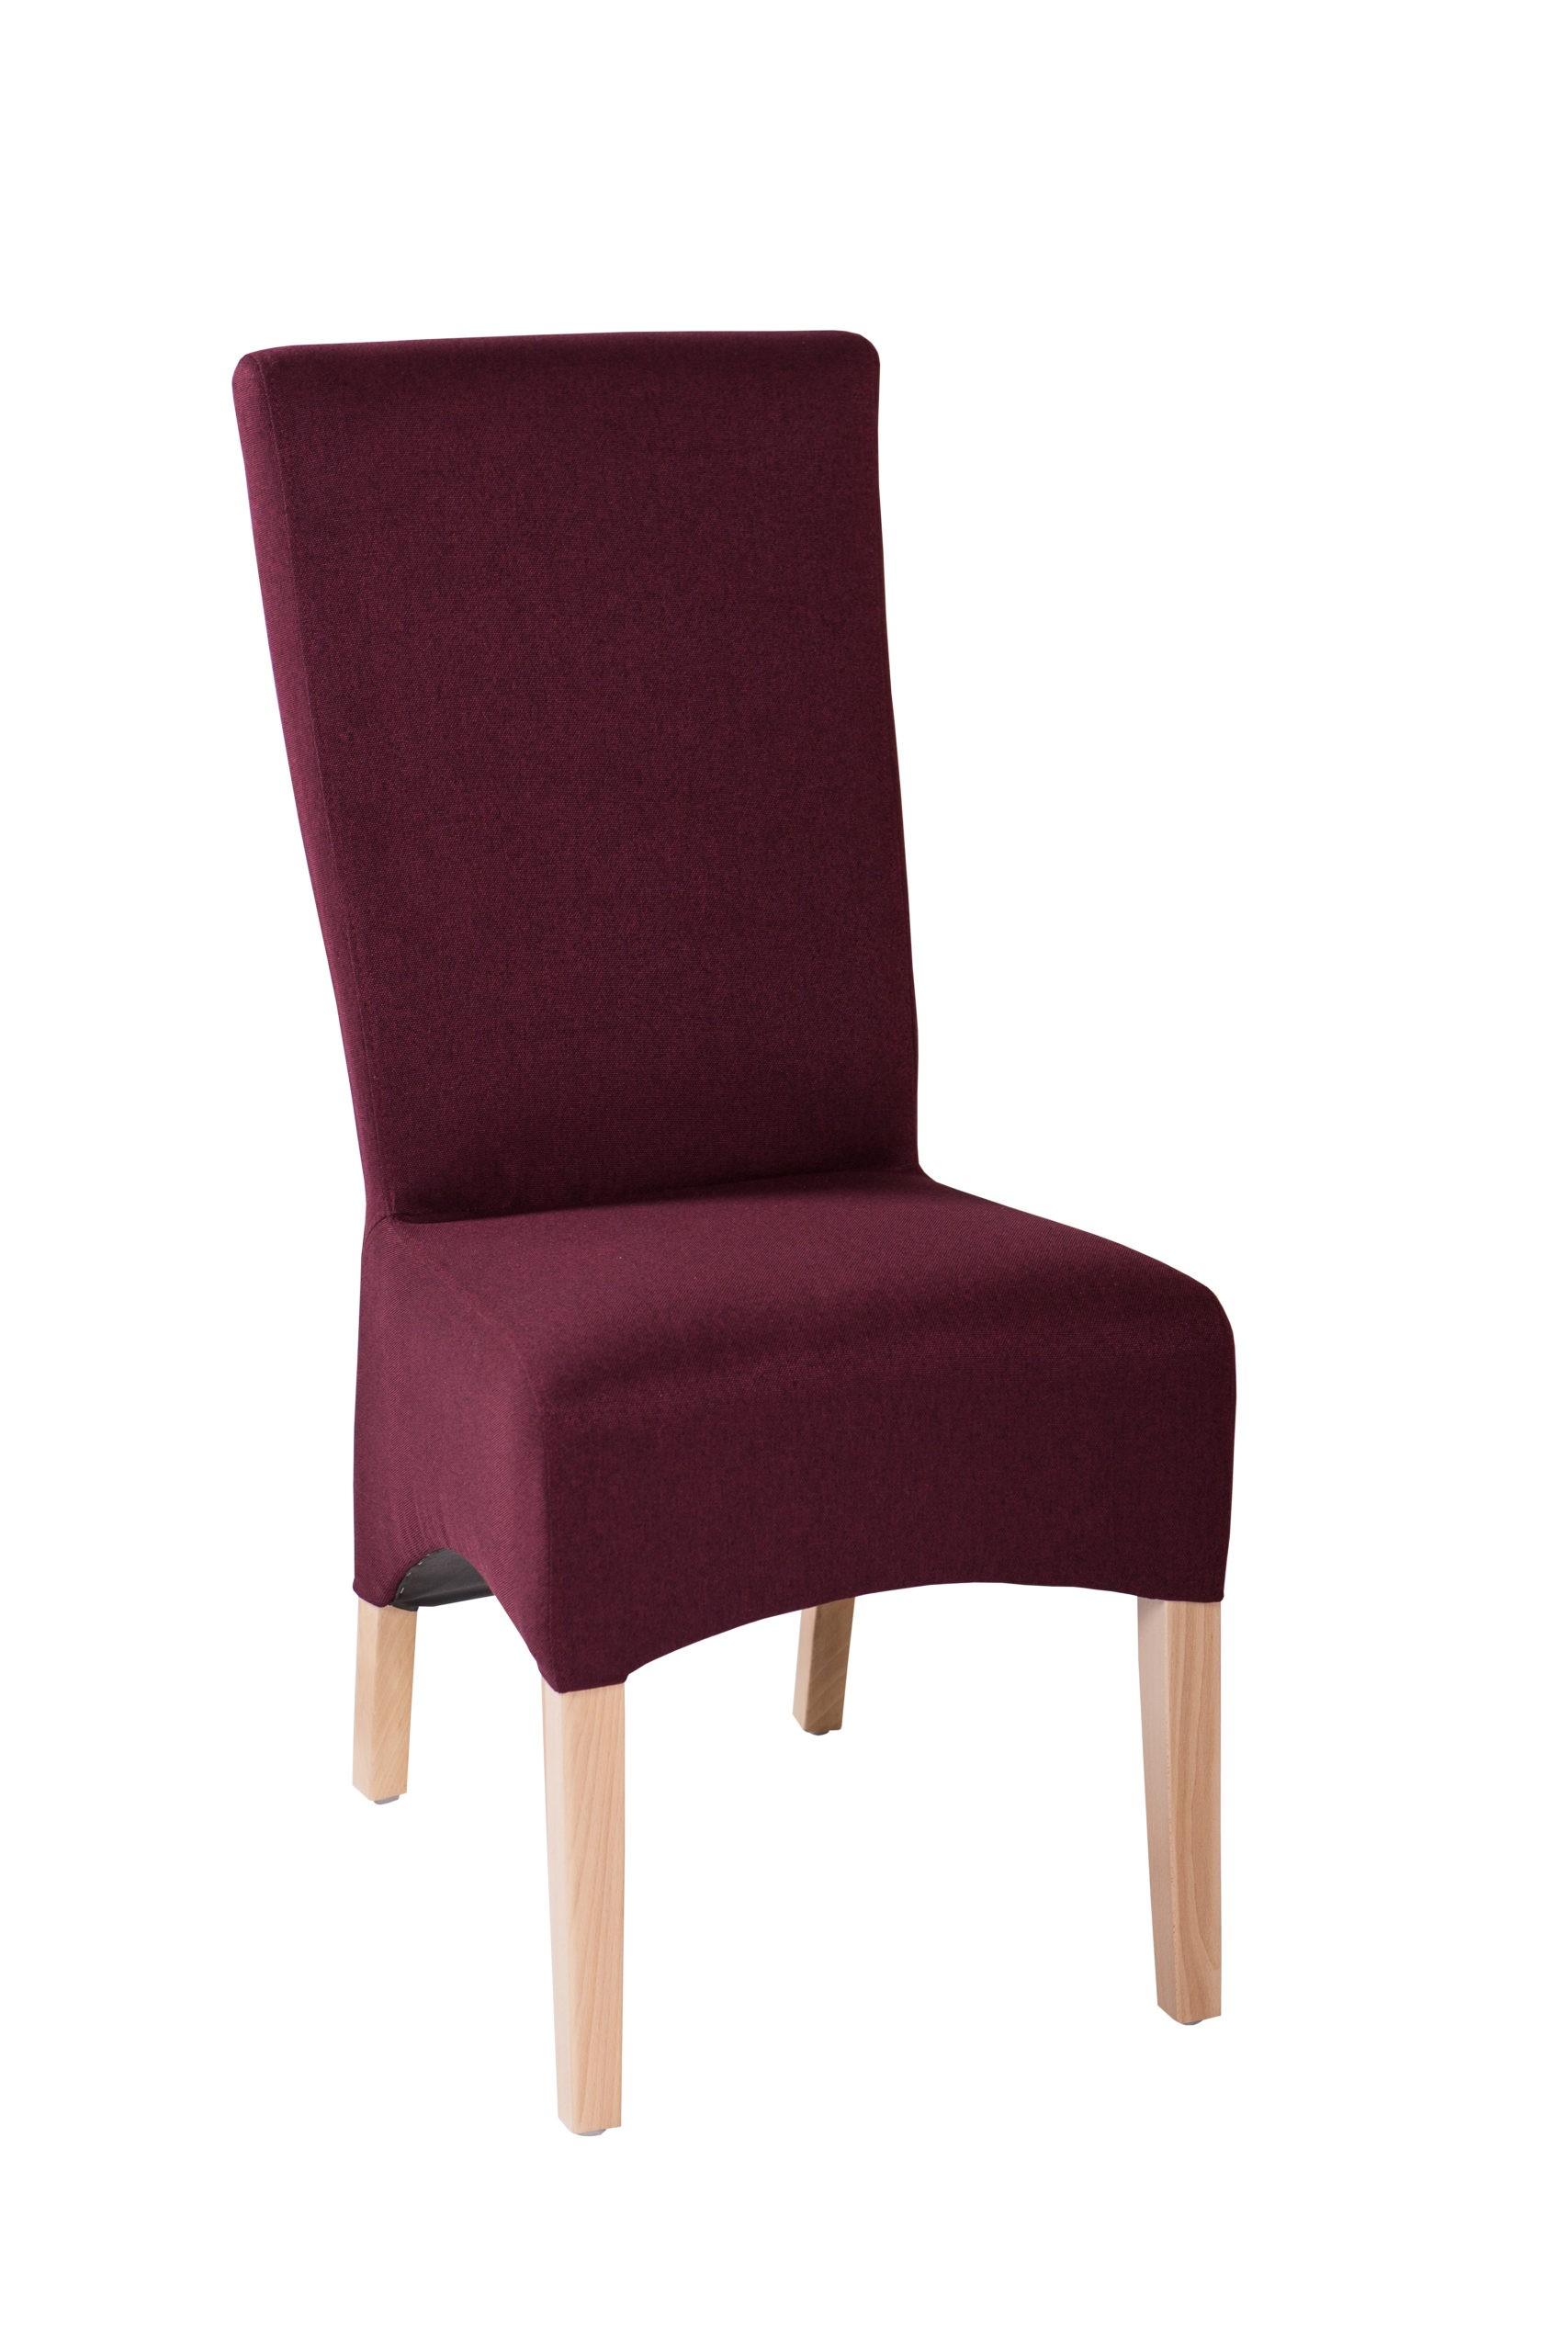 Wygodne krzesło tapicerowane KT 23 z profilowanym oparciem